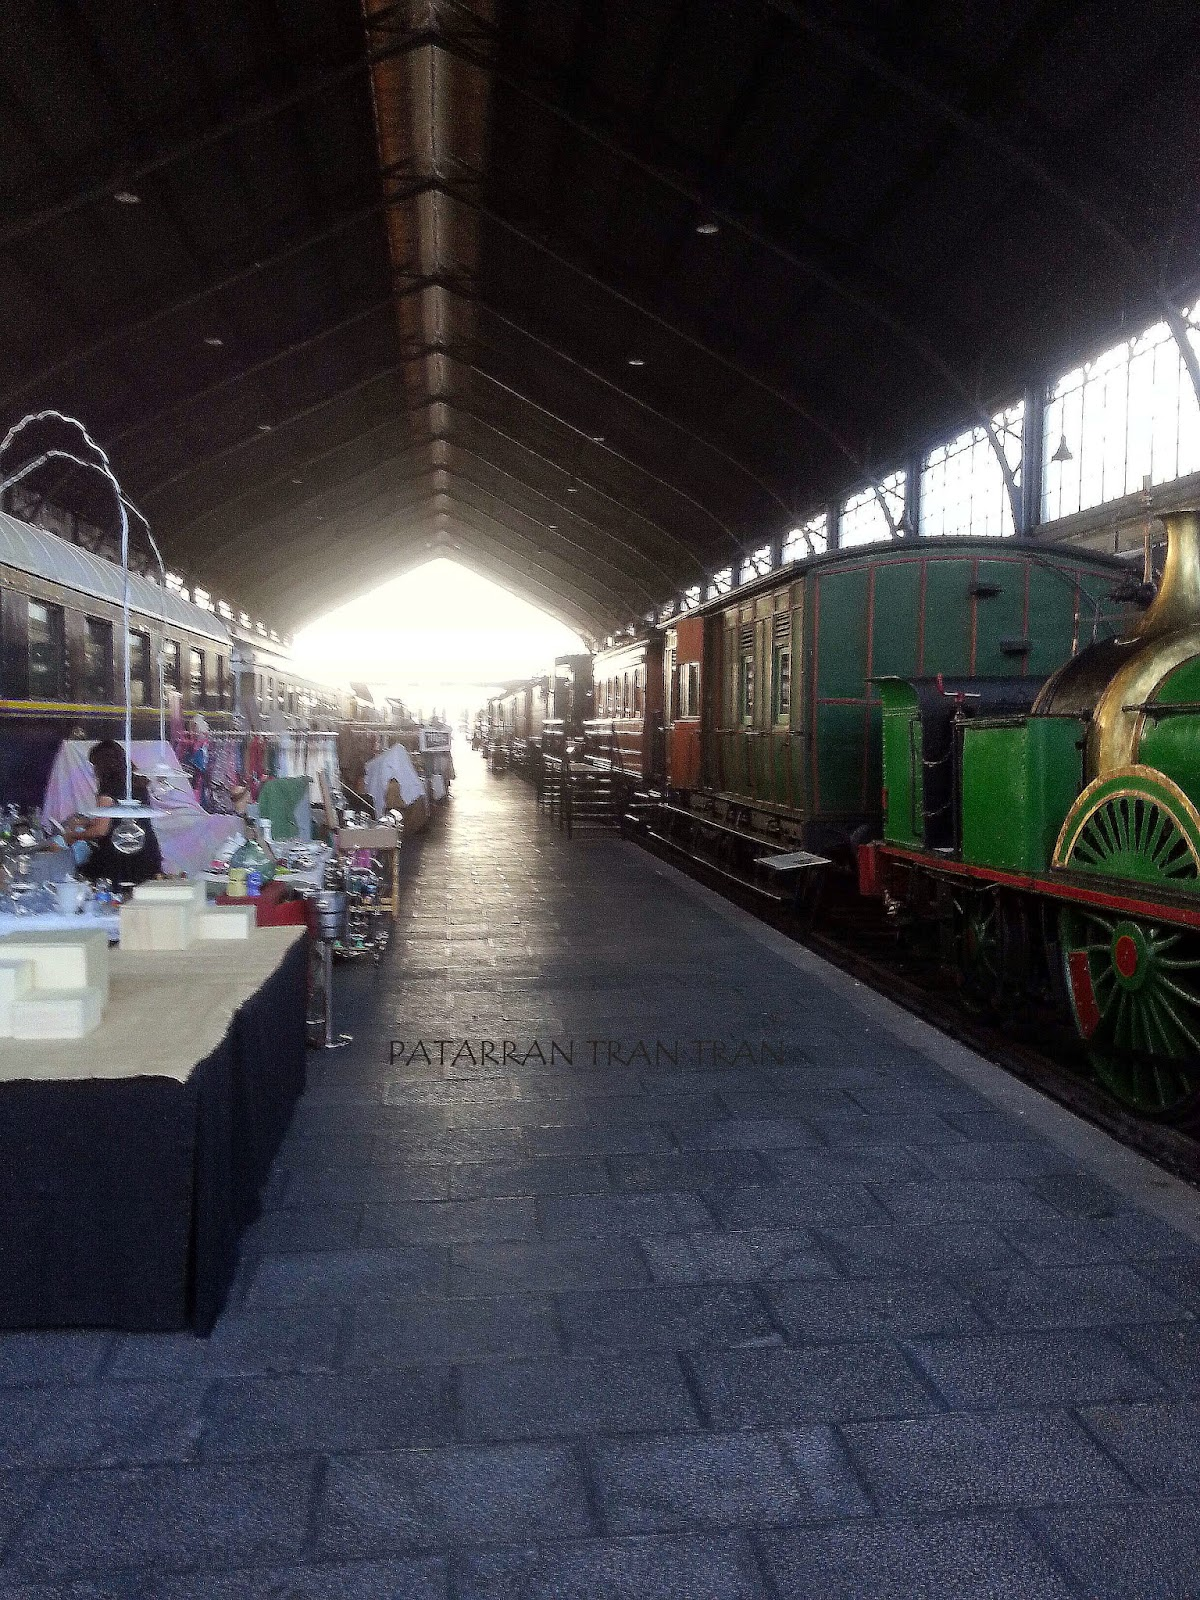 Mercado de Motores, Museo del Ferrocarril, Madrid me mata aunque no siempre,